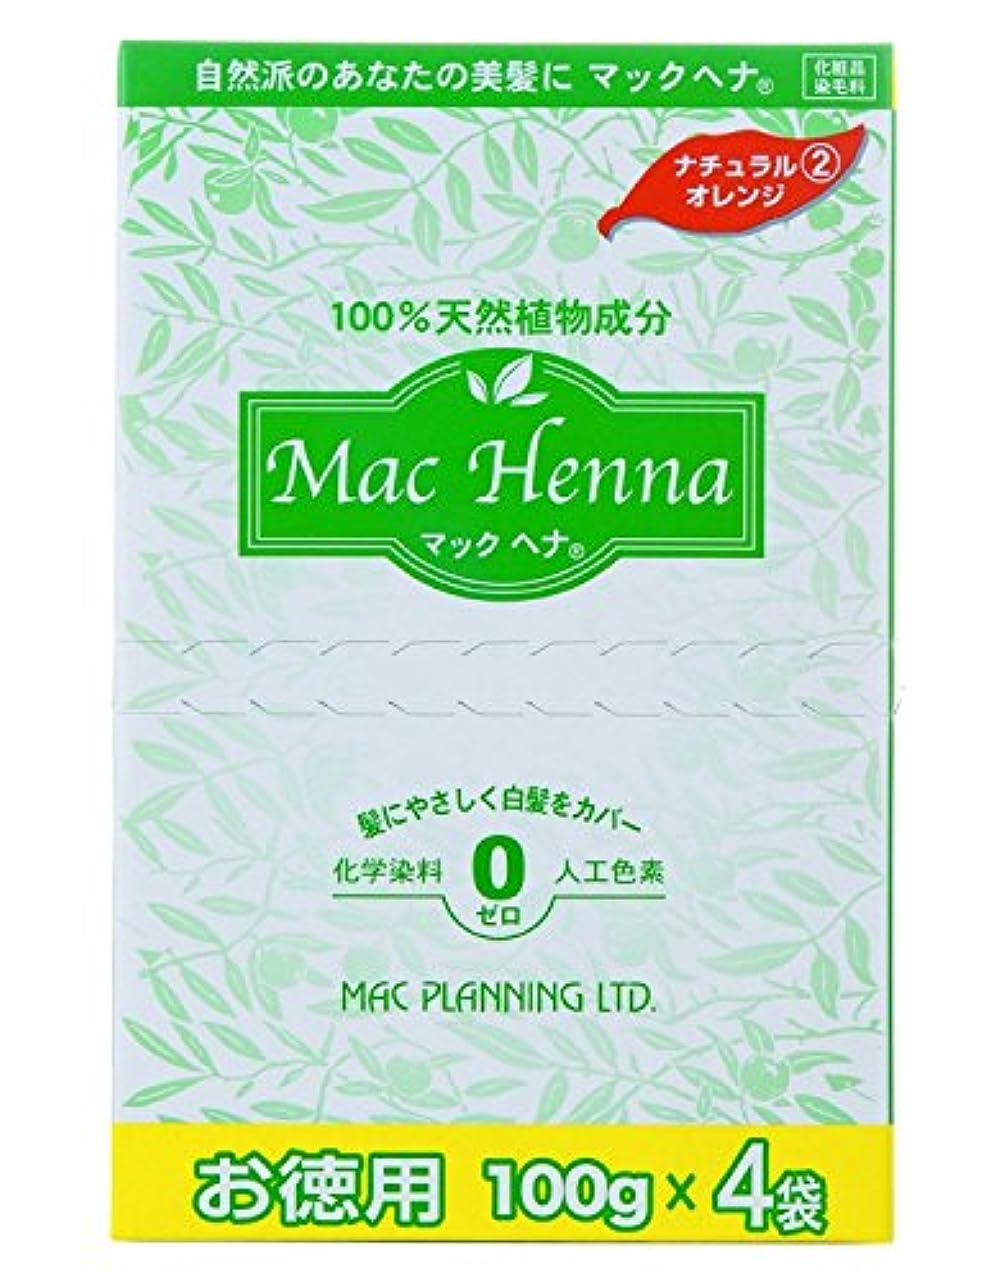 相手こする別のマックヘナ お徳用(ナチュラルオレンジ)-2 400g(100g×4袋)